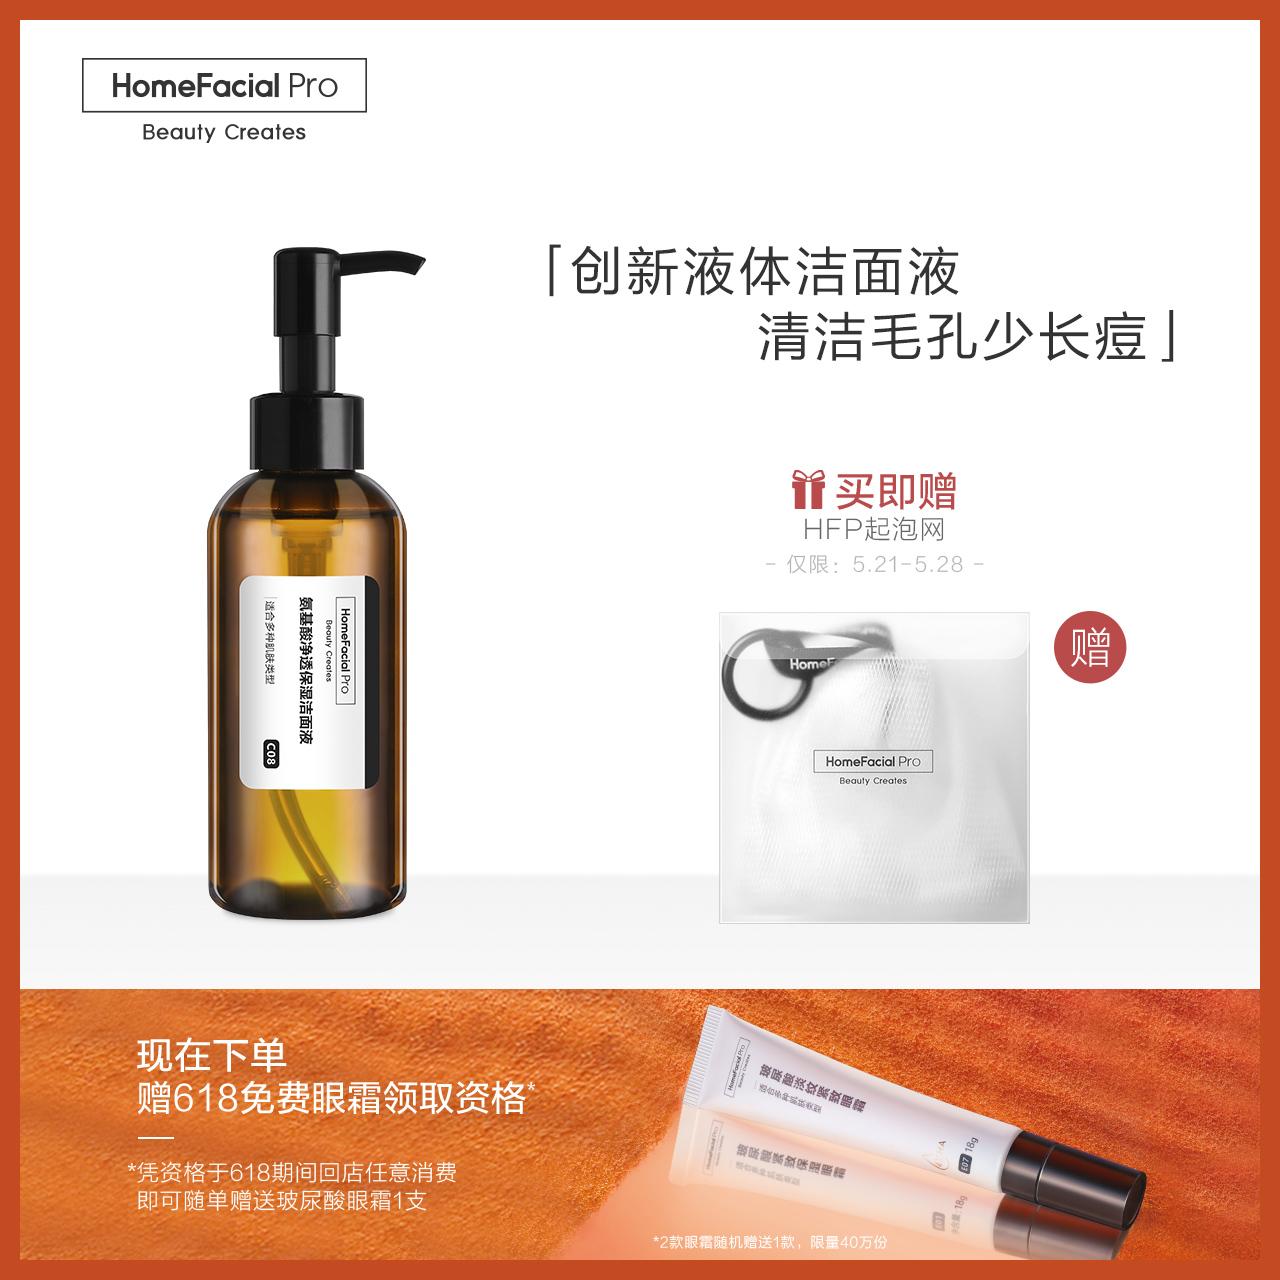 HFP氨基酸净透保湿洁面液 深层清洁液体洗面奶控油抗痘去黑头男女图片